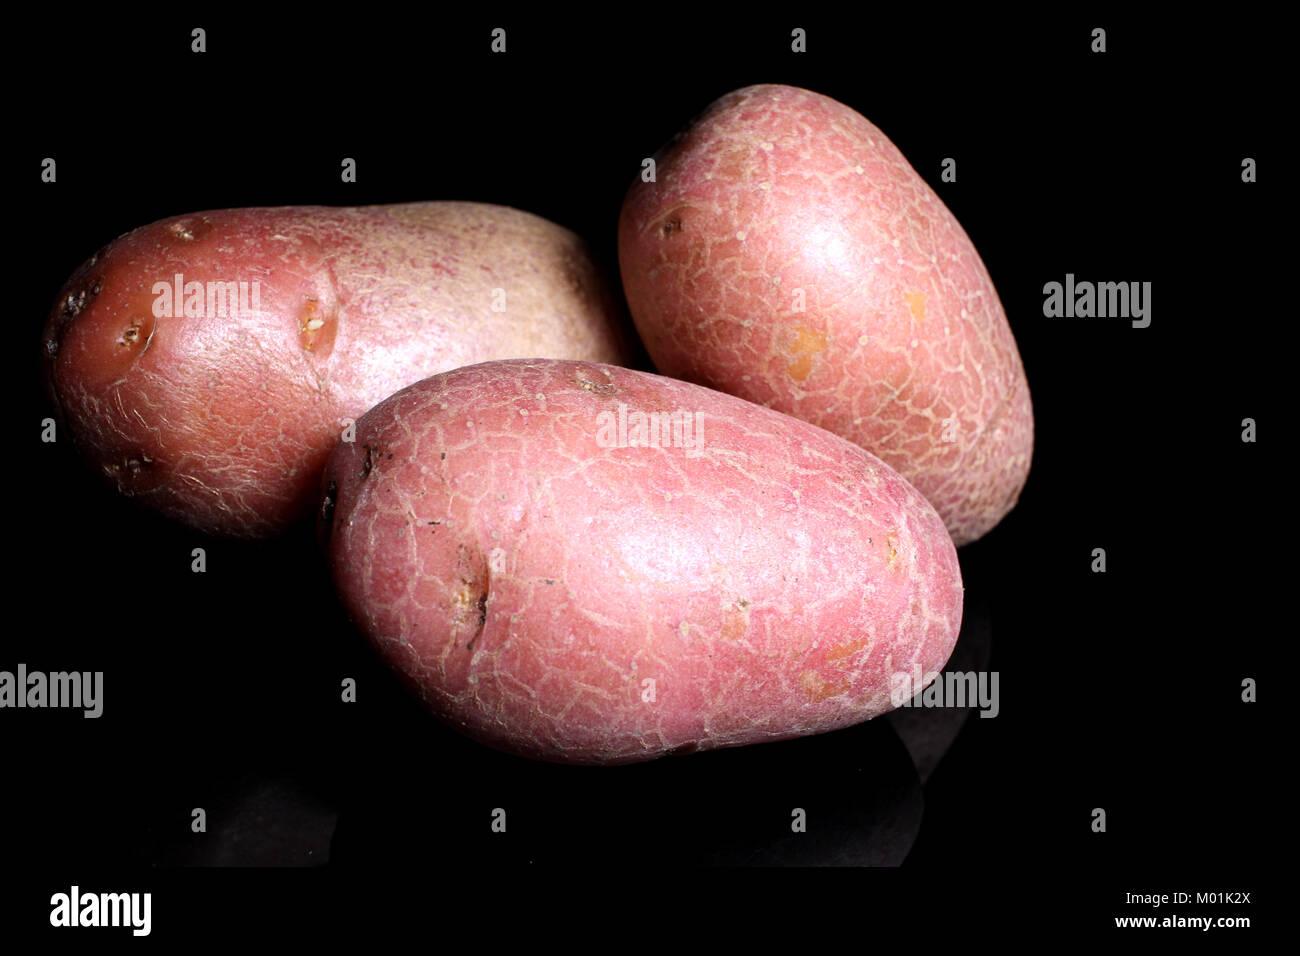 Potato potatos on black studio background. Food photos. - Stock Image